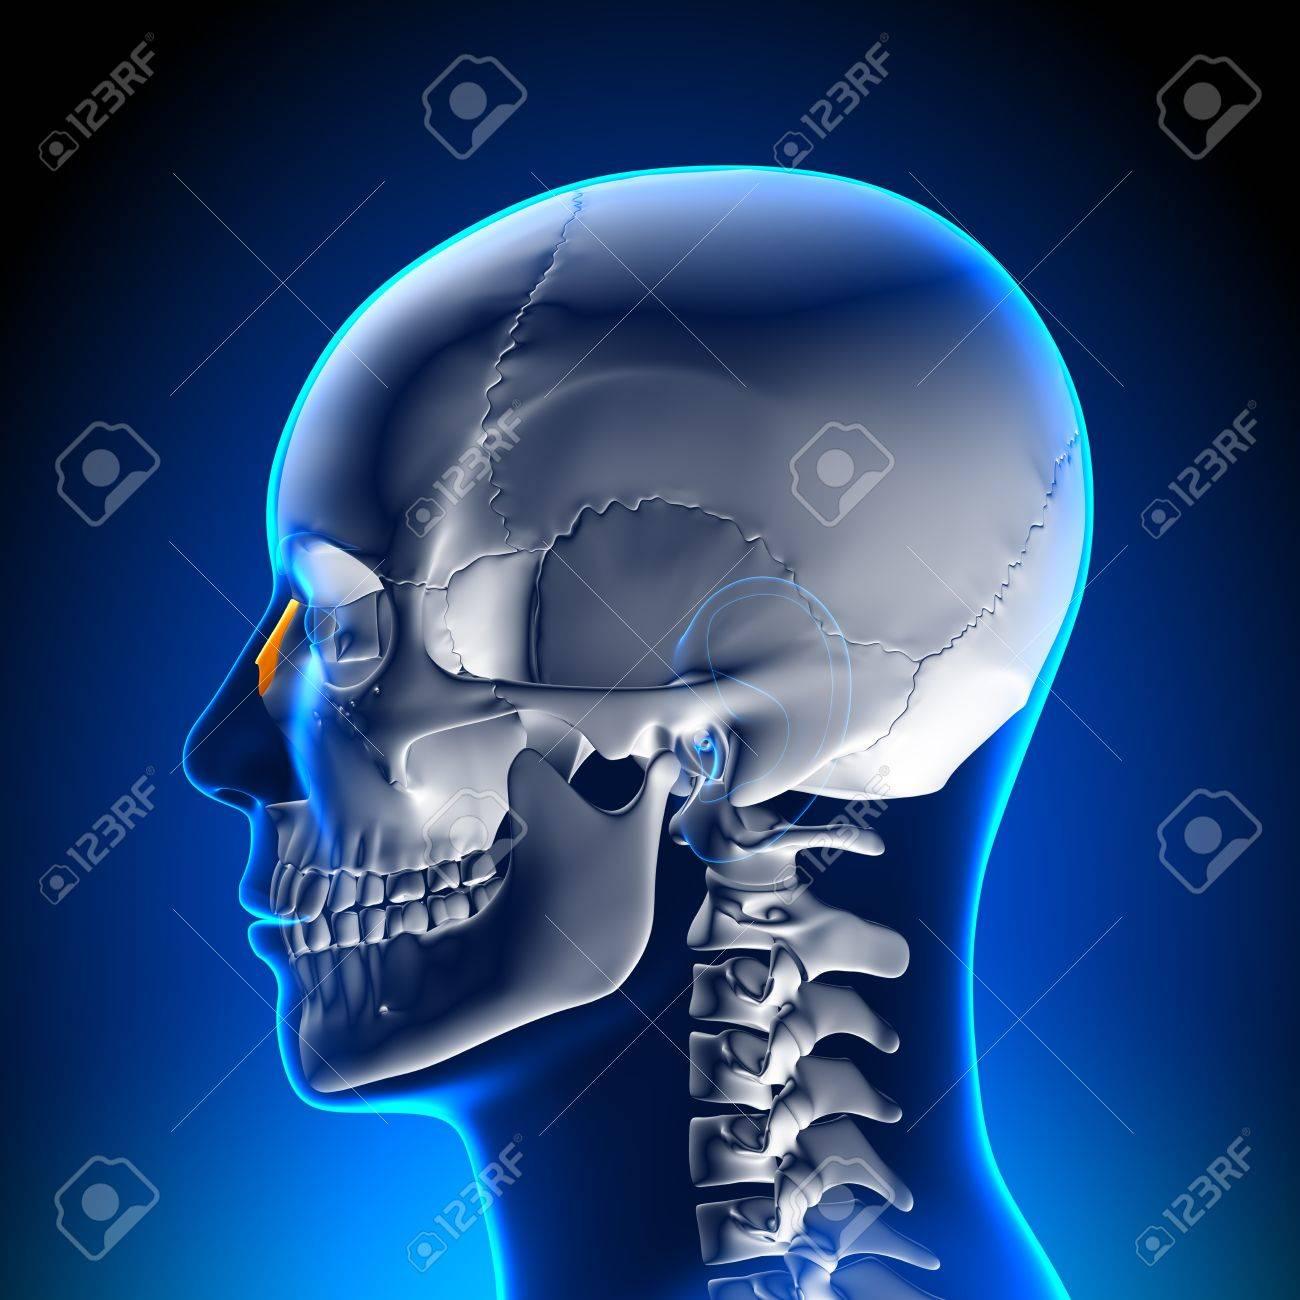 La Anatomía Del Hueso Nasal Fotos, Retratos, Imágenes Y Fotografía ...